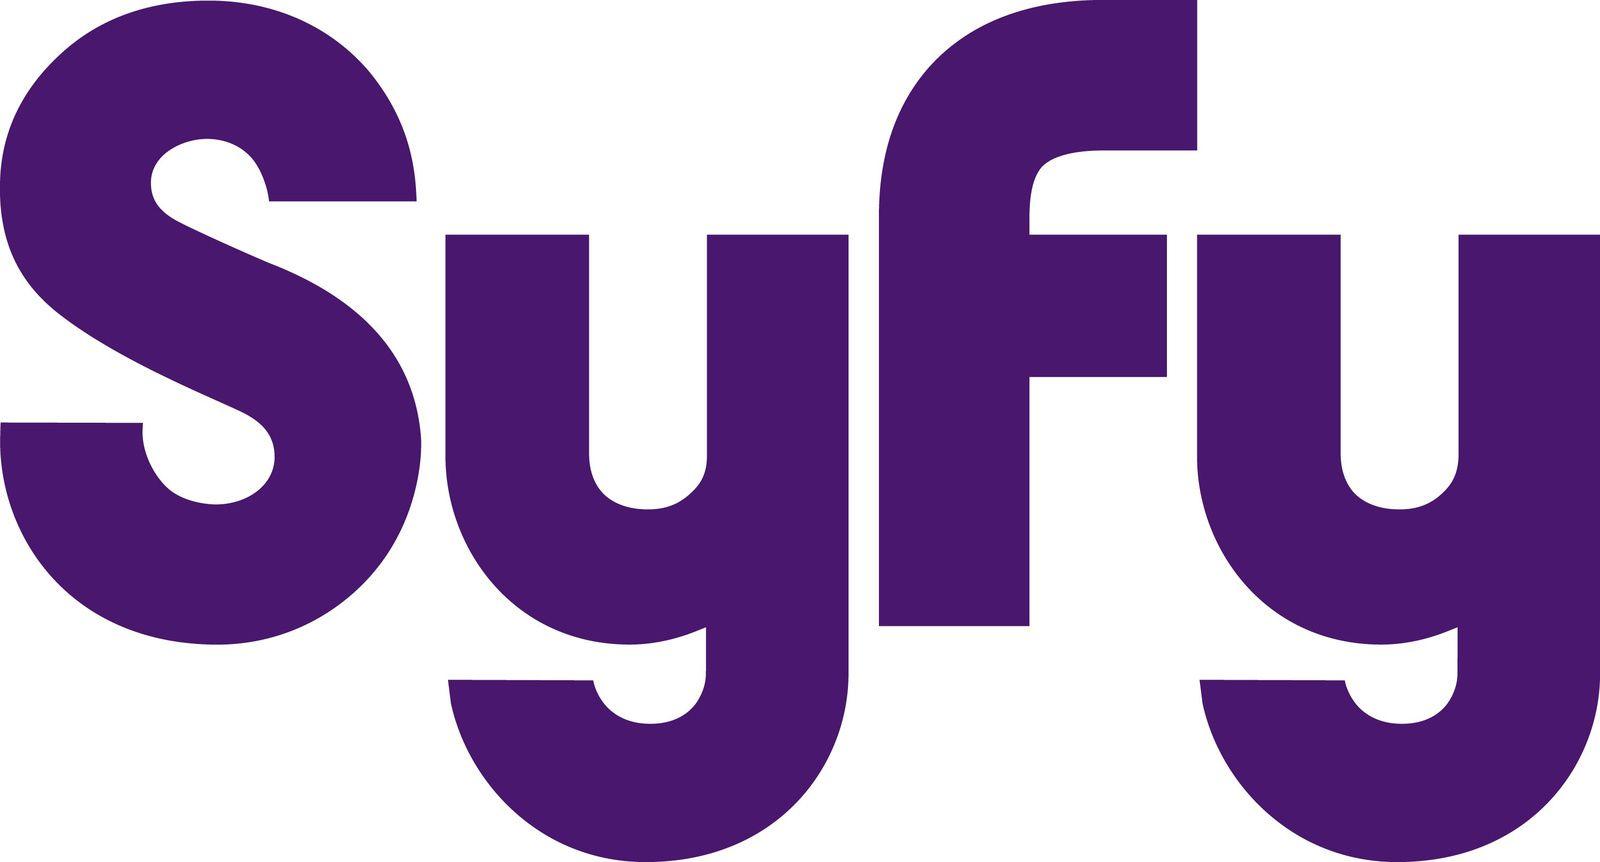 Defiance saison 3 et la série Dark Matter dès le 16 juin sur SyFy France.